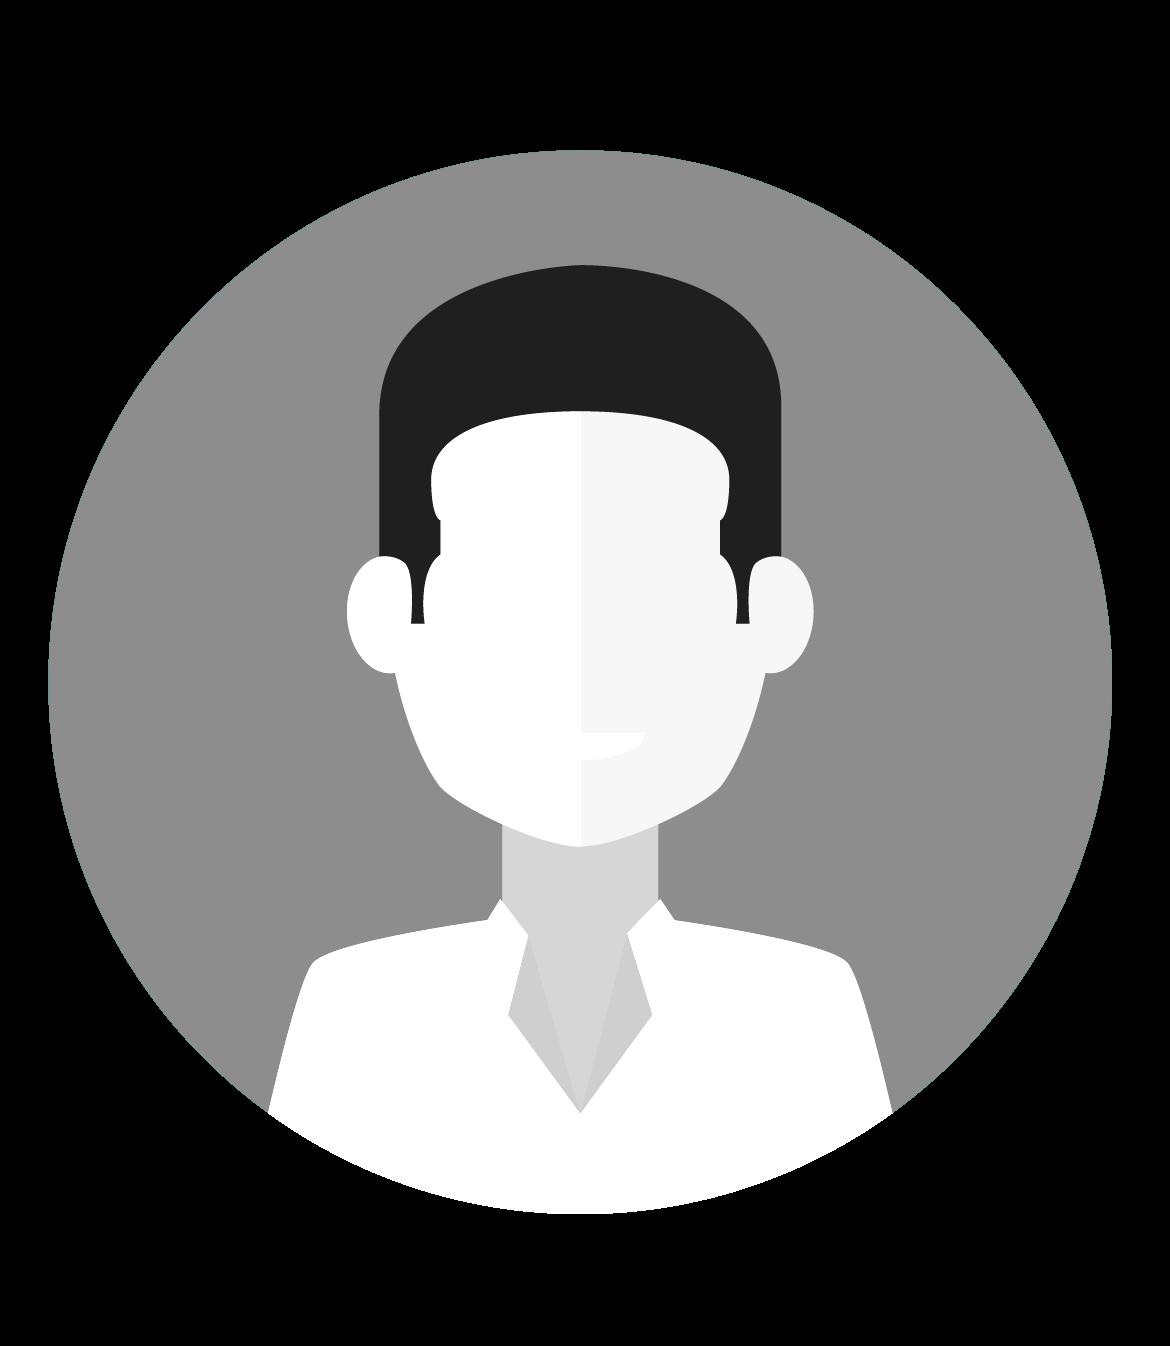 avatar-blackwhite